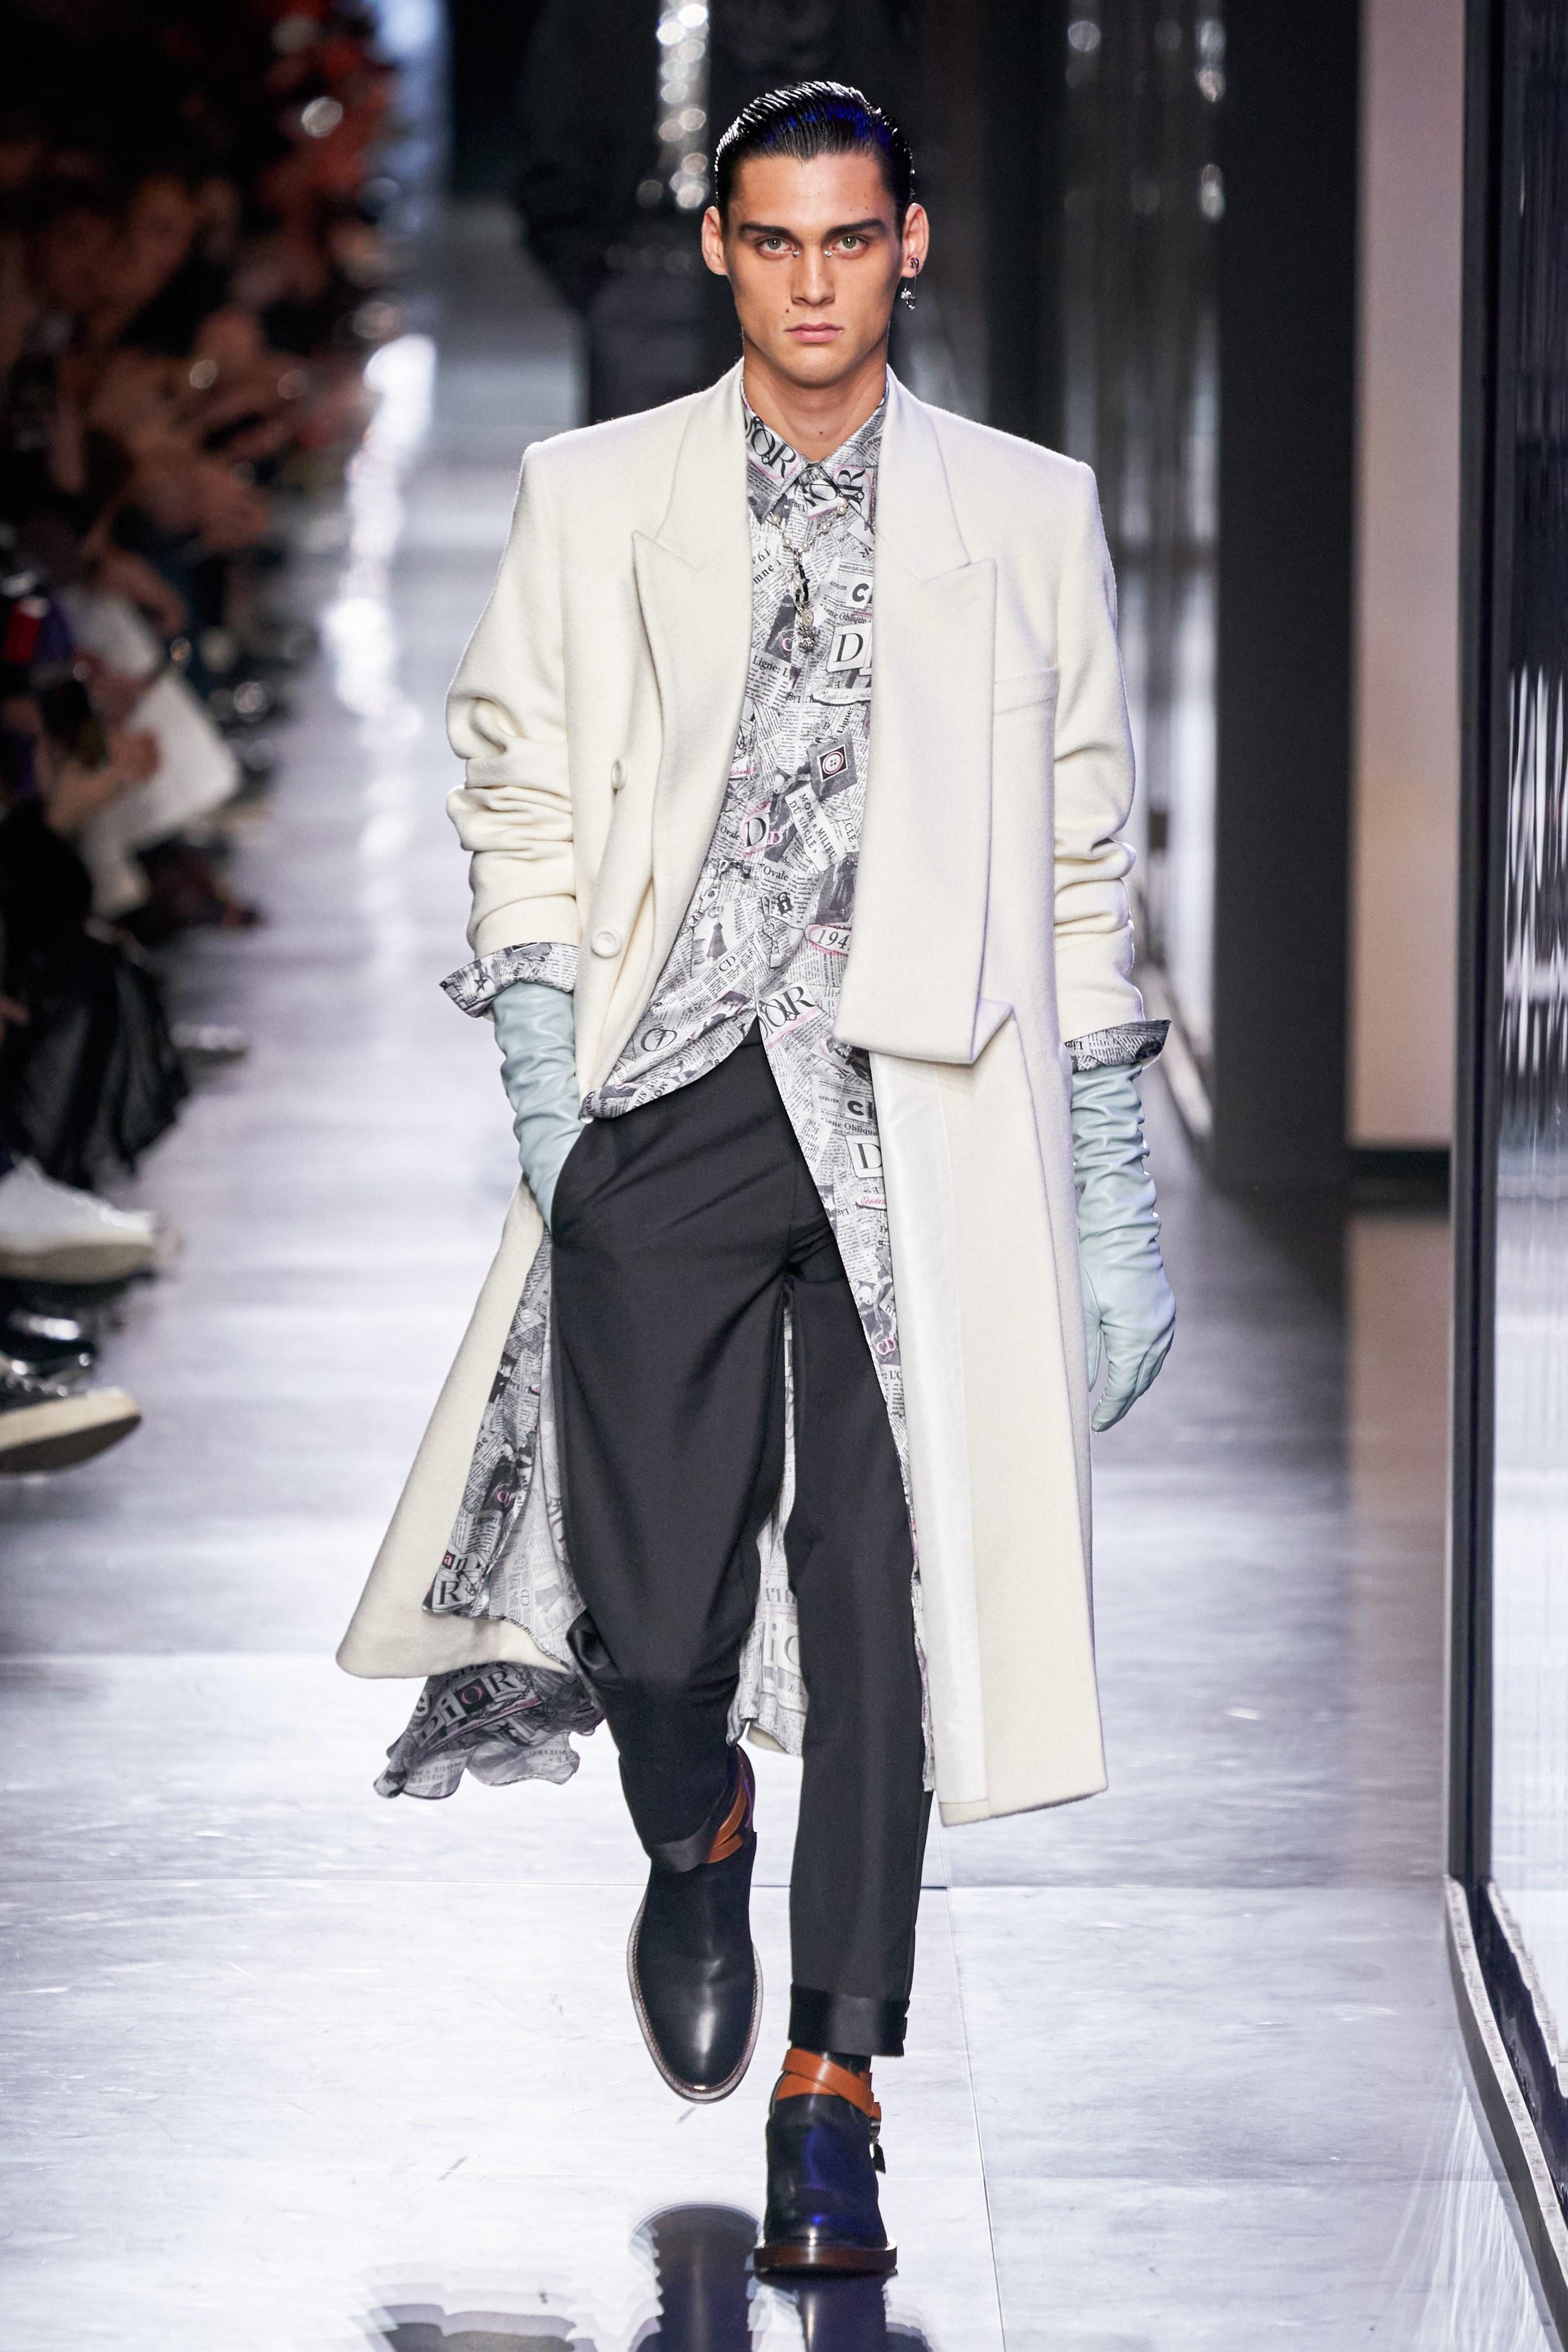 Áo khoác hoa, găng tay dài - Dior nâng thời trang nam lên tầm cao mới Ảnh 8